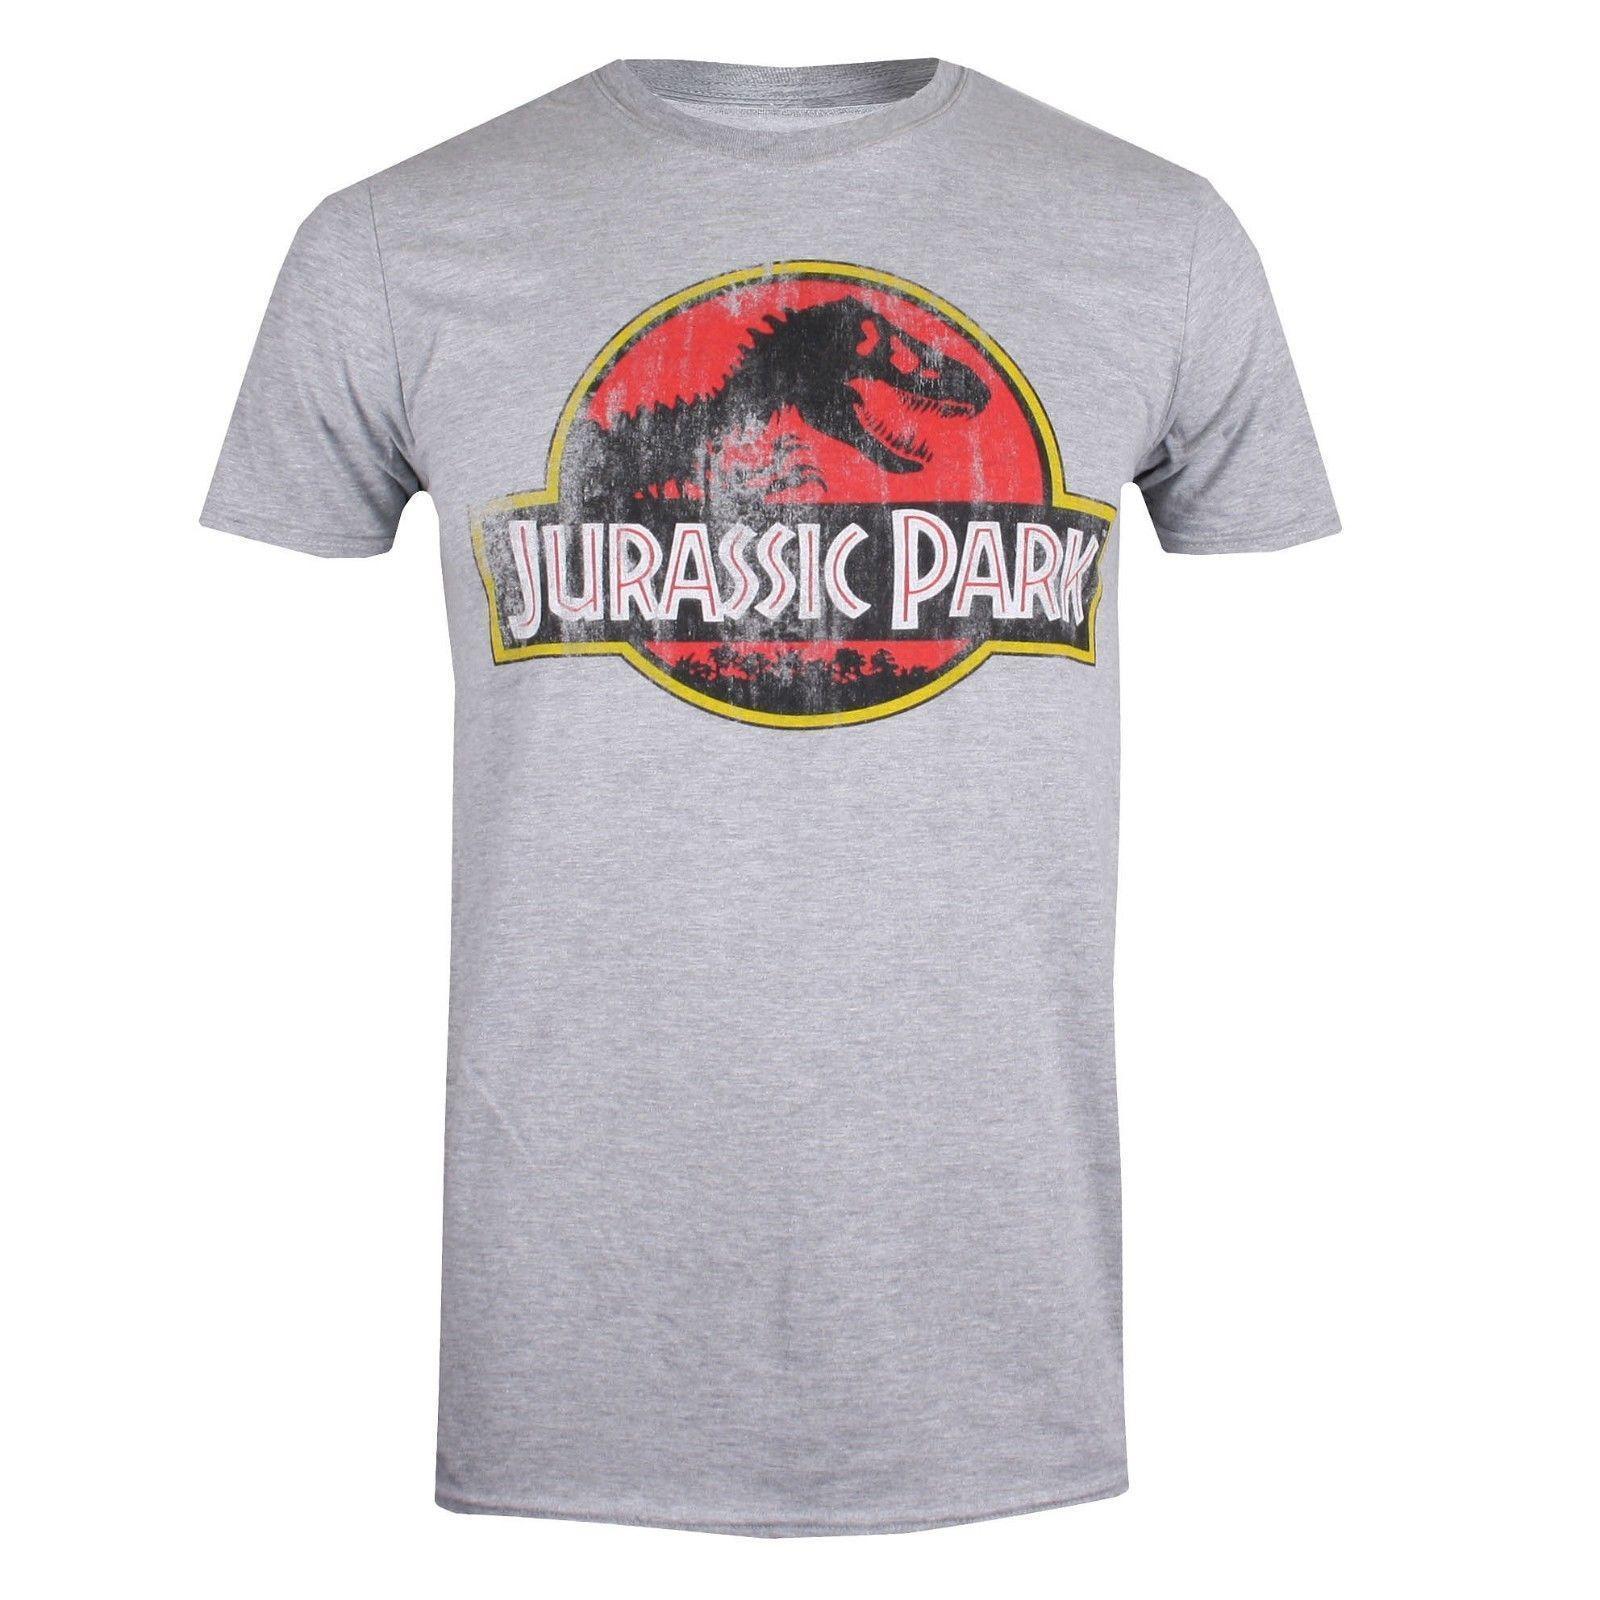 Grosshandel Jurassic Park Herren T Shirt Klassischer Logo Druck